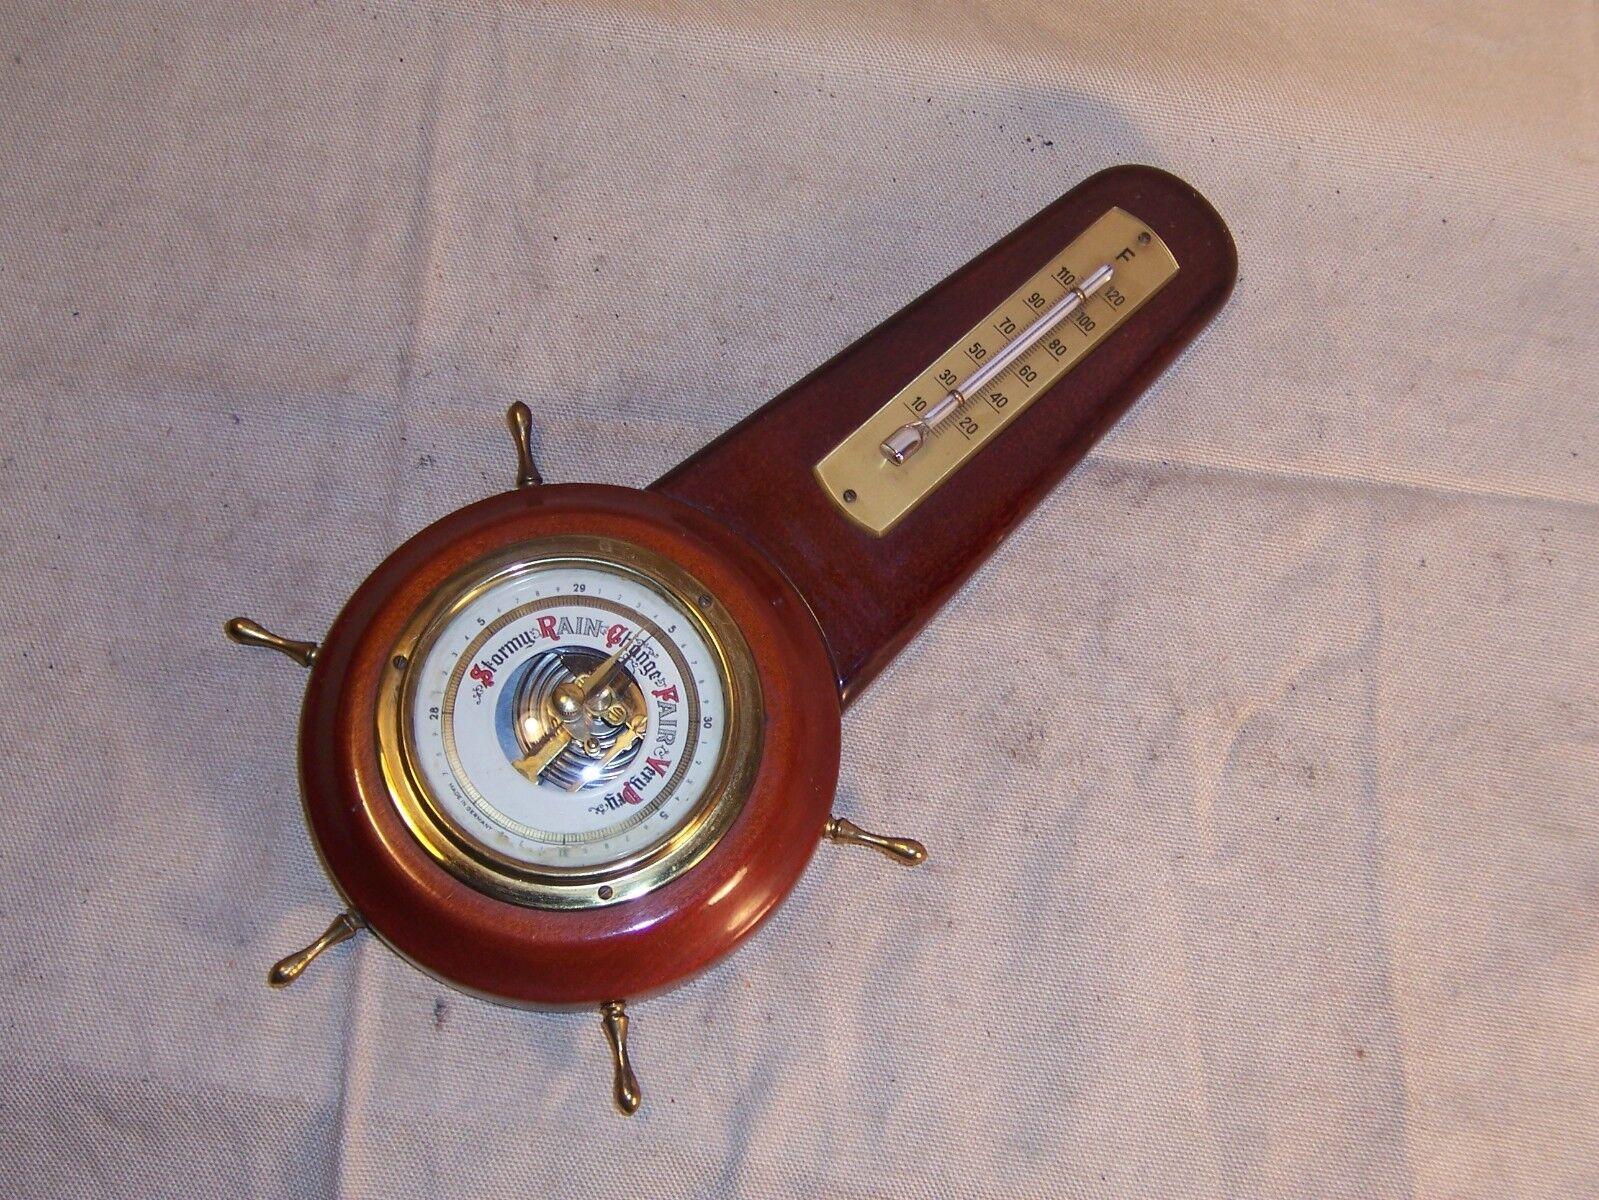 Vintage Barómetro Y Termómetro combinación Hecho En Alemania